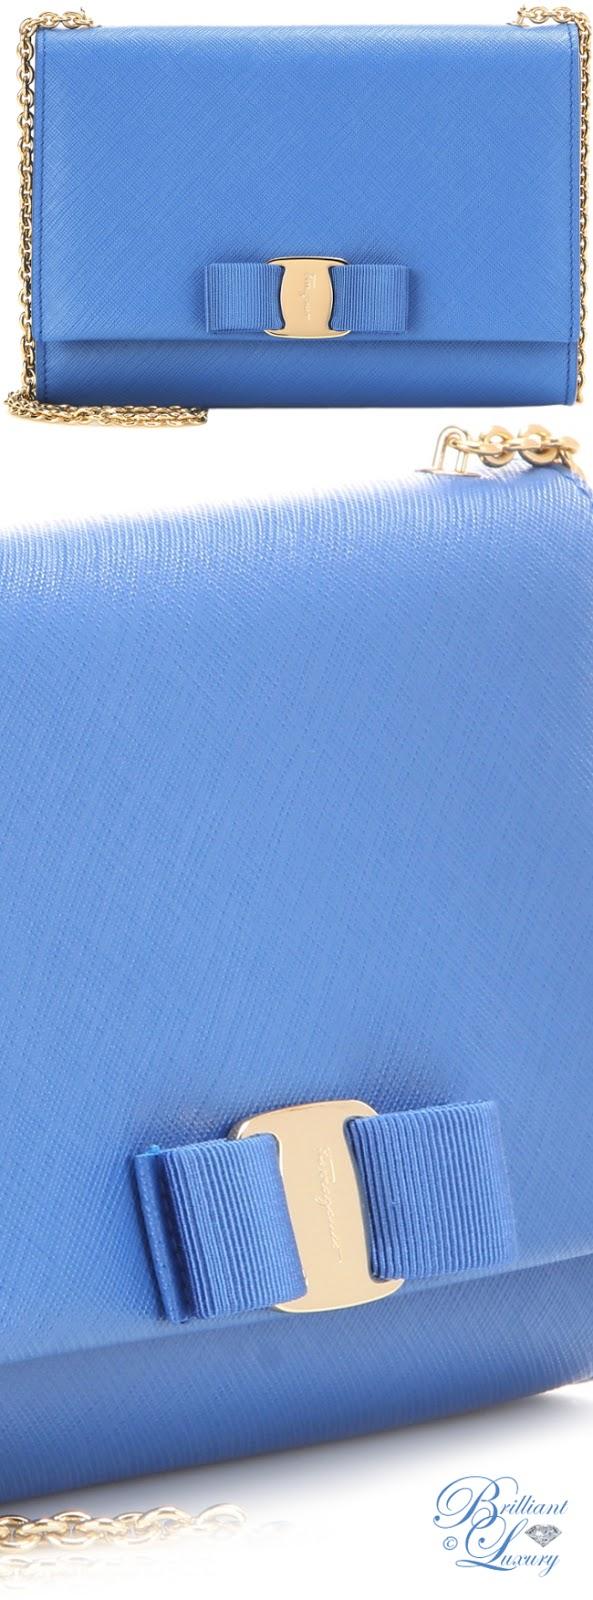 Brilliant Luxury ♦ Salvatore Ferragamo Ginny Small Leather Shoulder Bag